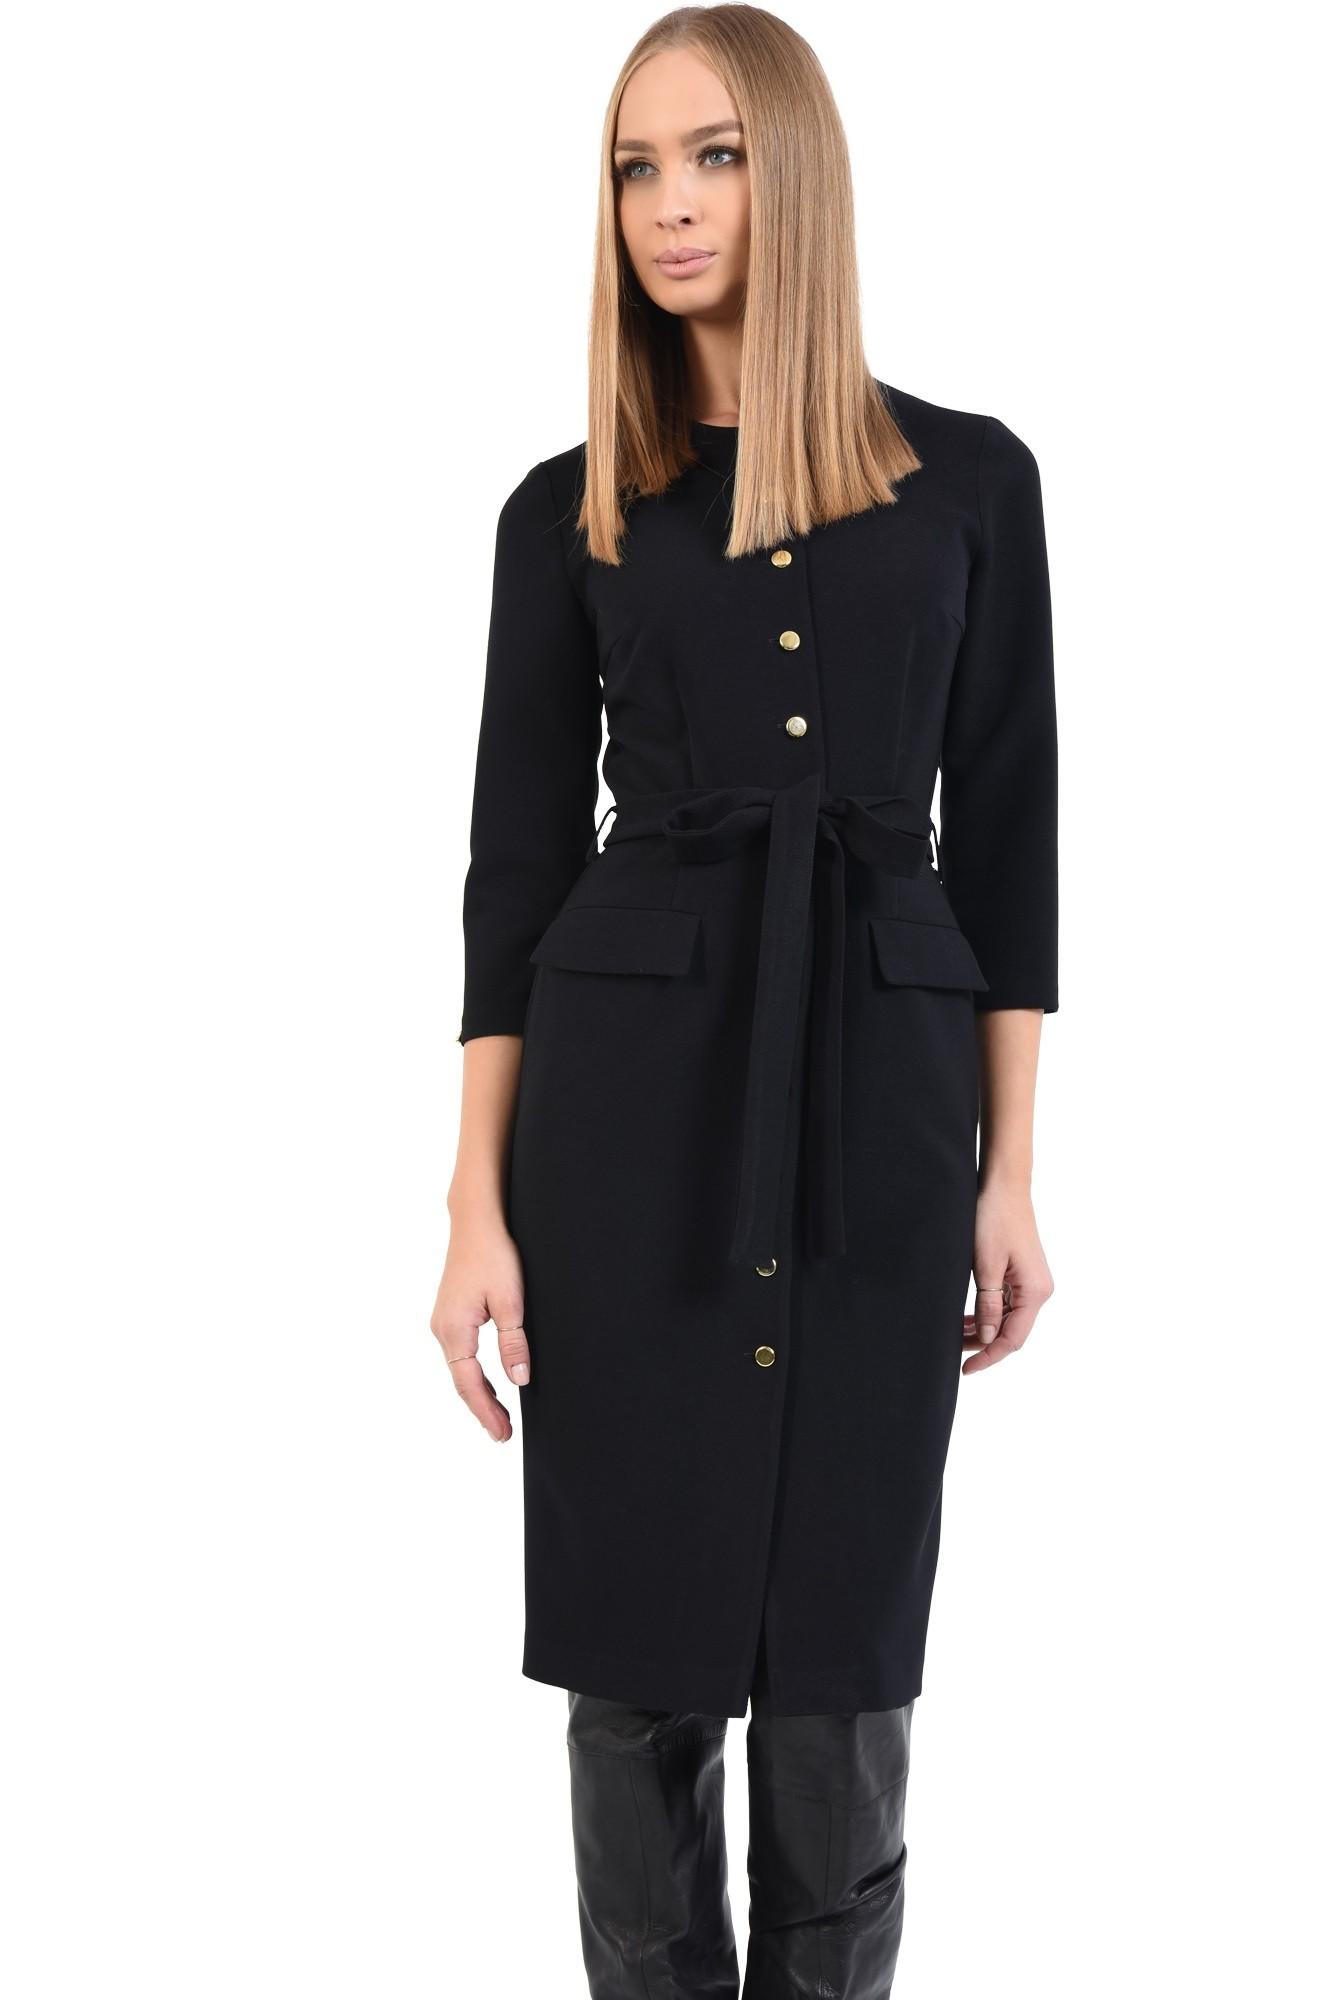 2 - rochie cambrata, de toamna, neagra, cu nasturi, cu cordon